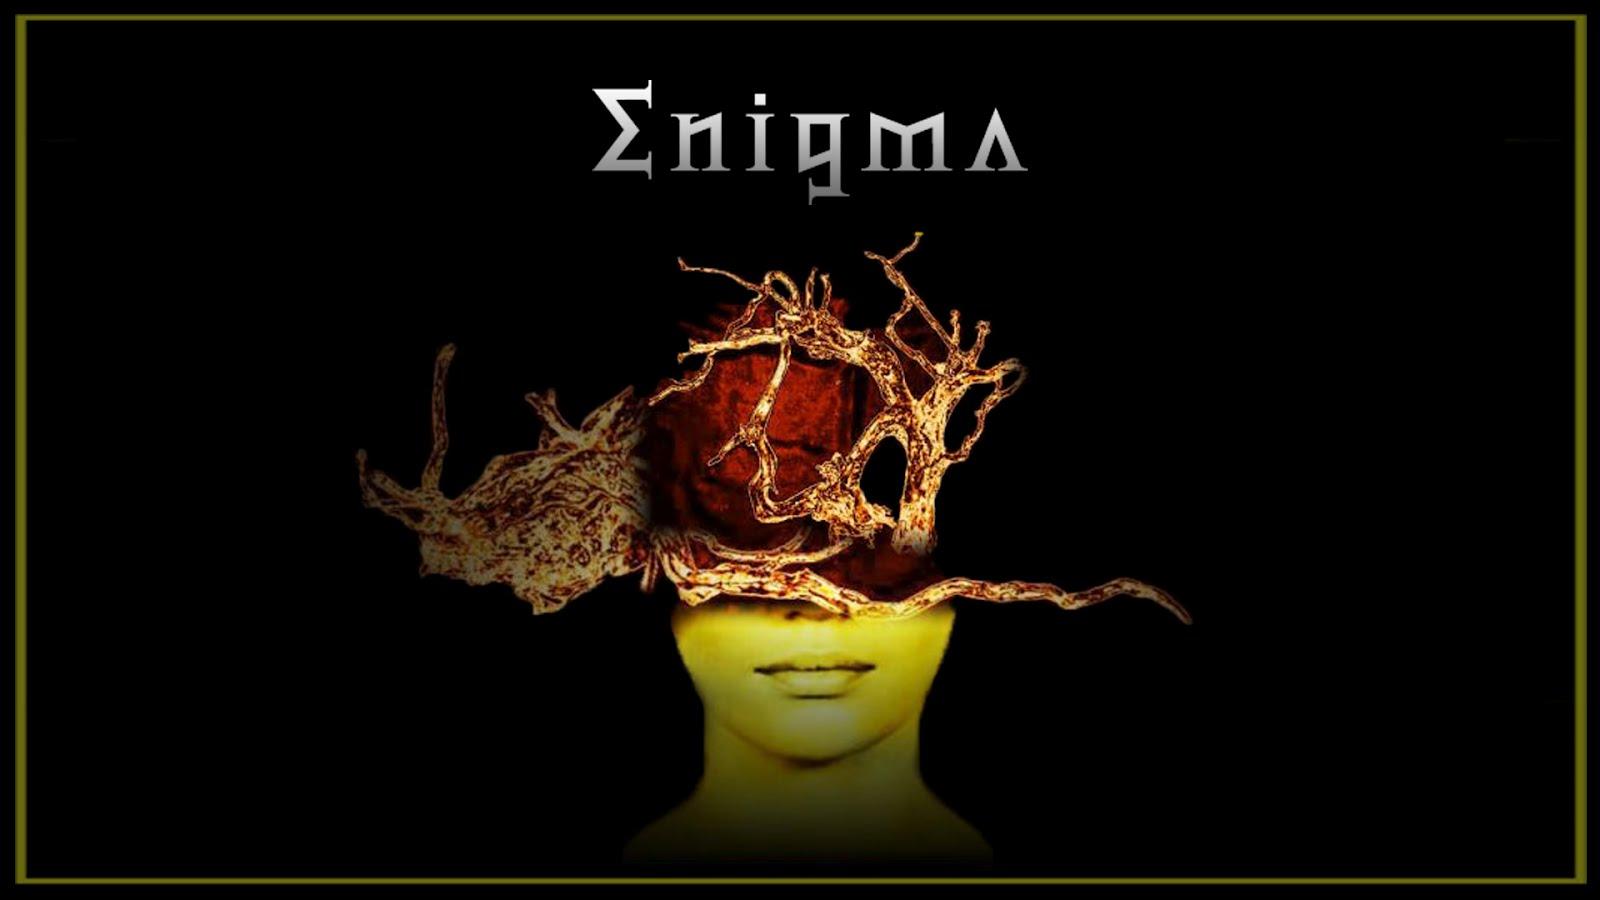 http://1.bp.blogspot.com/-3DQqG-ZWaQ4/T_LNNv1ShQI/AAAAAAAAU8E/Z3-8UOV2pGk/s1600/enigma-the-social-song-wallpaper-1.jpg